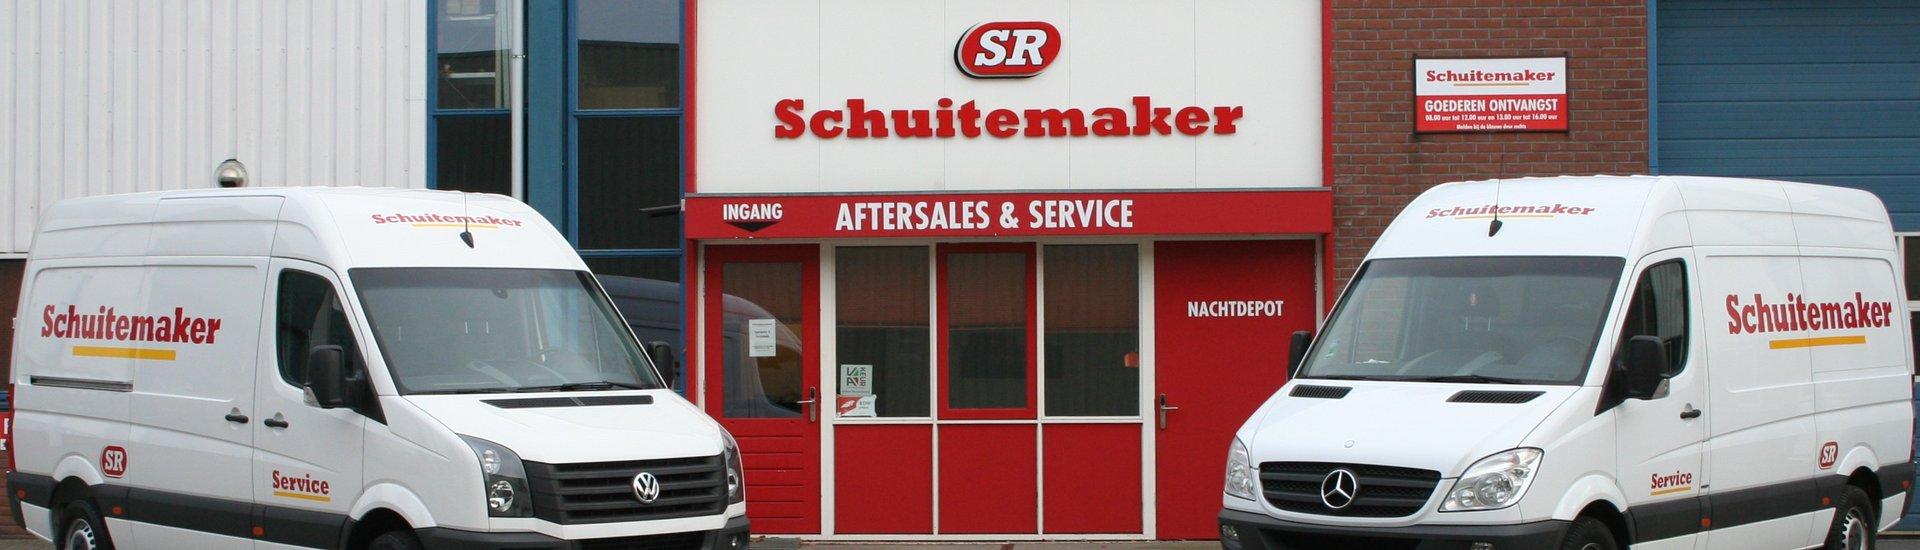 Schuitemaker Machines service